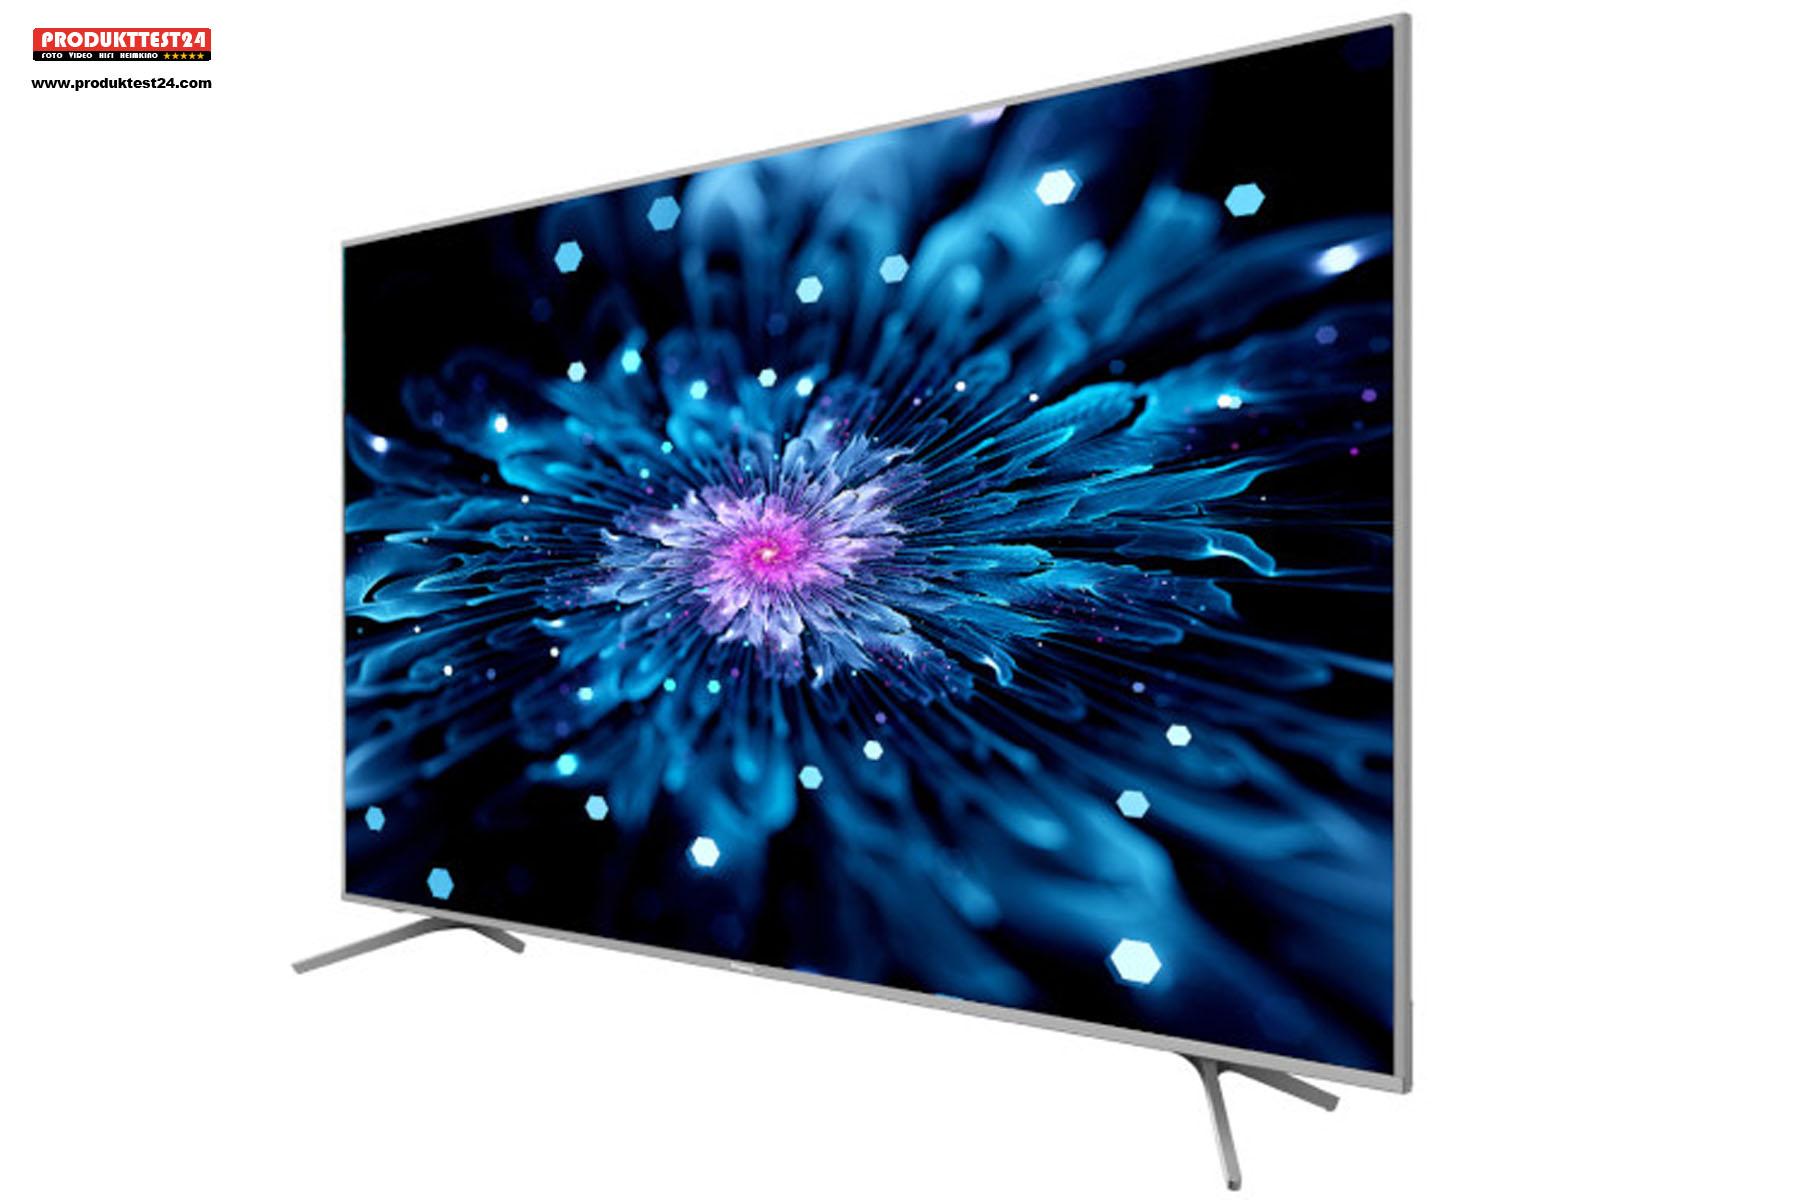 Der Hisense TV unterstützt HDR10+ sowie Dolby Vision